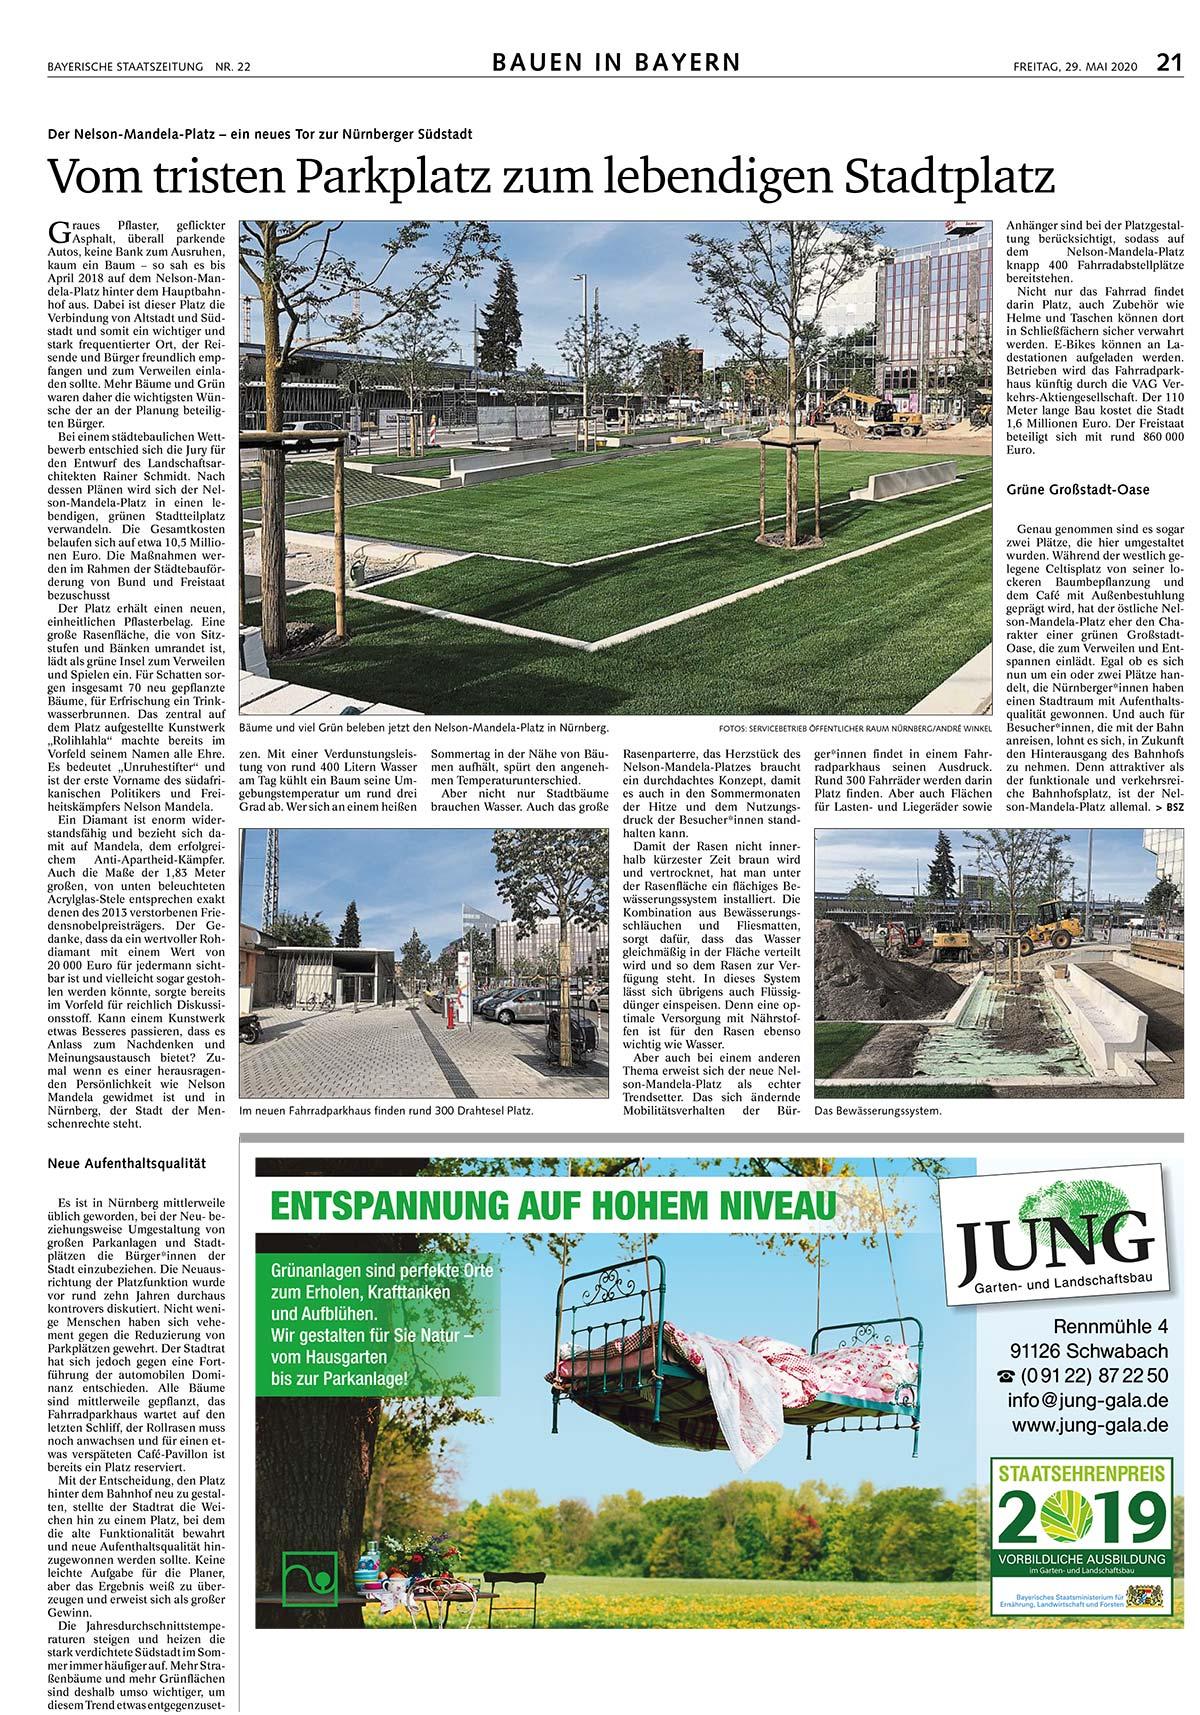 die Gärtner*innen von JUNG Garten-und Landschaftsbau schaffen eine neue Großstadt-Oase!